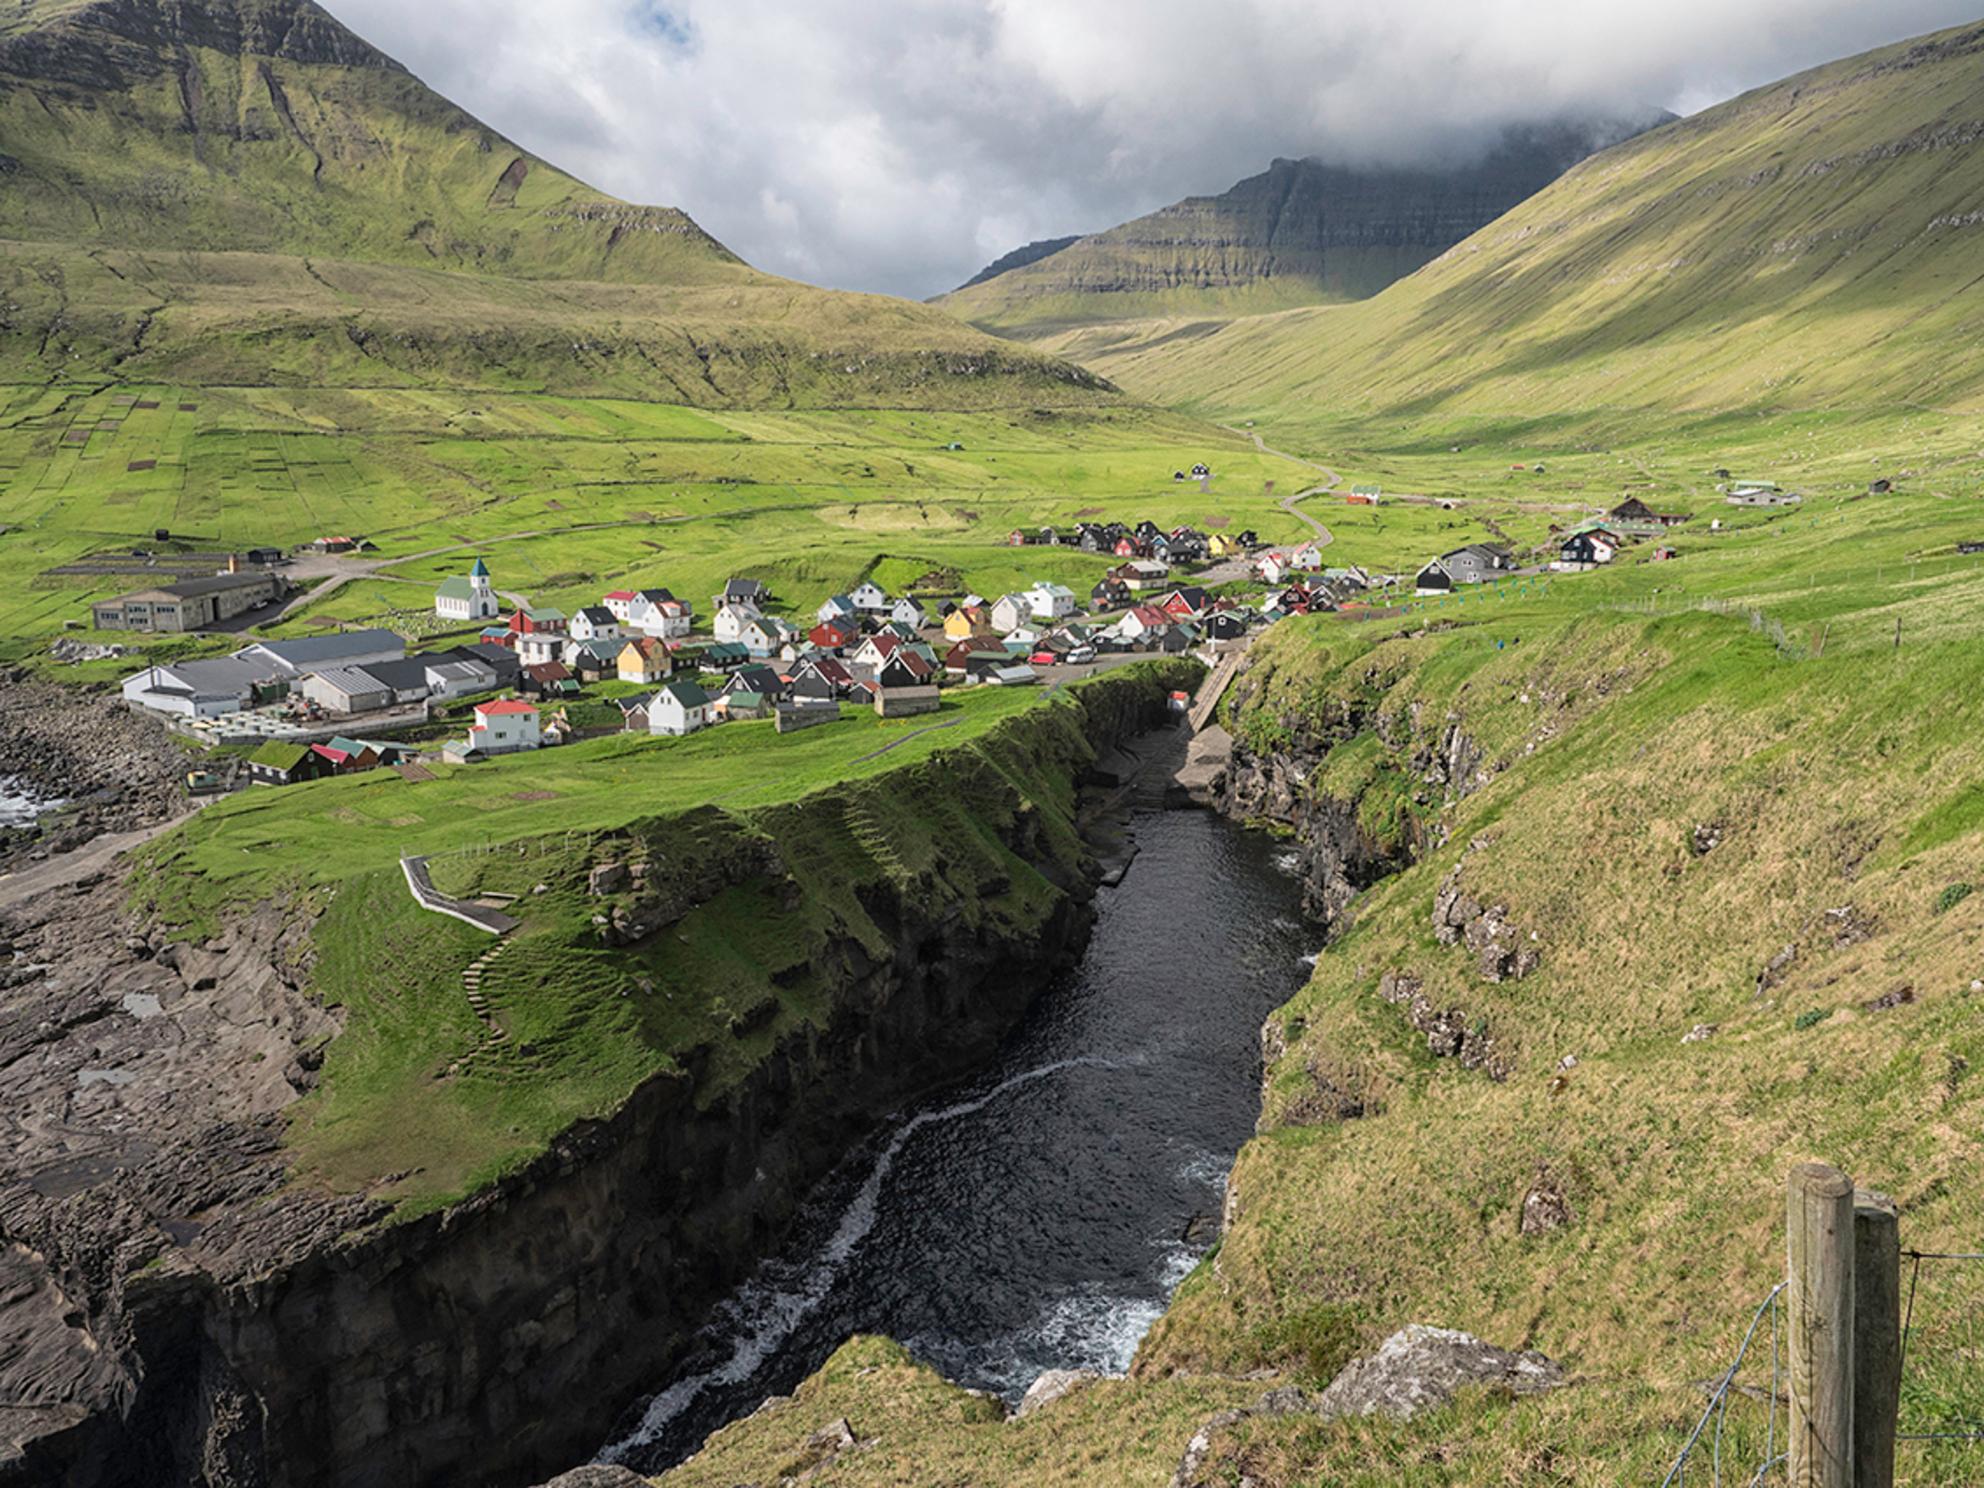 Gjógv, Faeröer - Het prachtige stadje Gjógv (zeg jekff). - foto door Lakesite op 13-09-2017 - deze foto bevat: lucht, wolken, kleur, uitzicht, zee, water, natuur, vakantie, reizen, landschap, zomer, bergen, wandelen, reisfotografie, europa, Faeröer